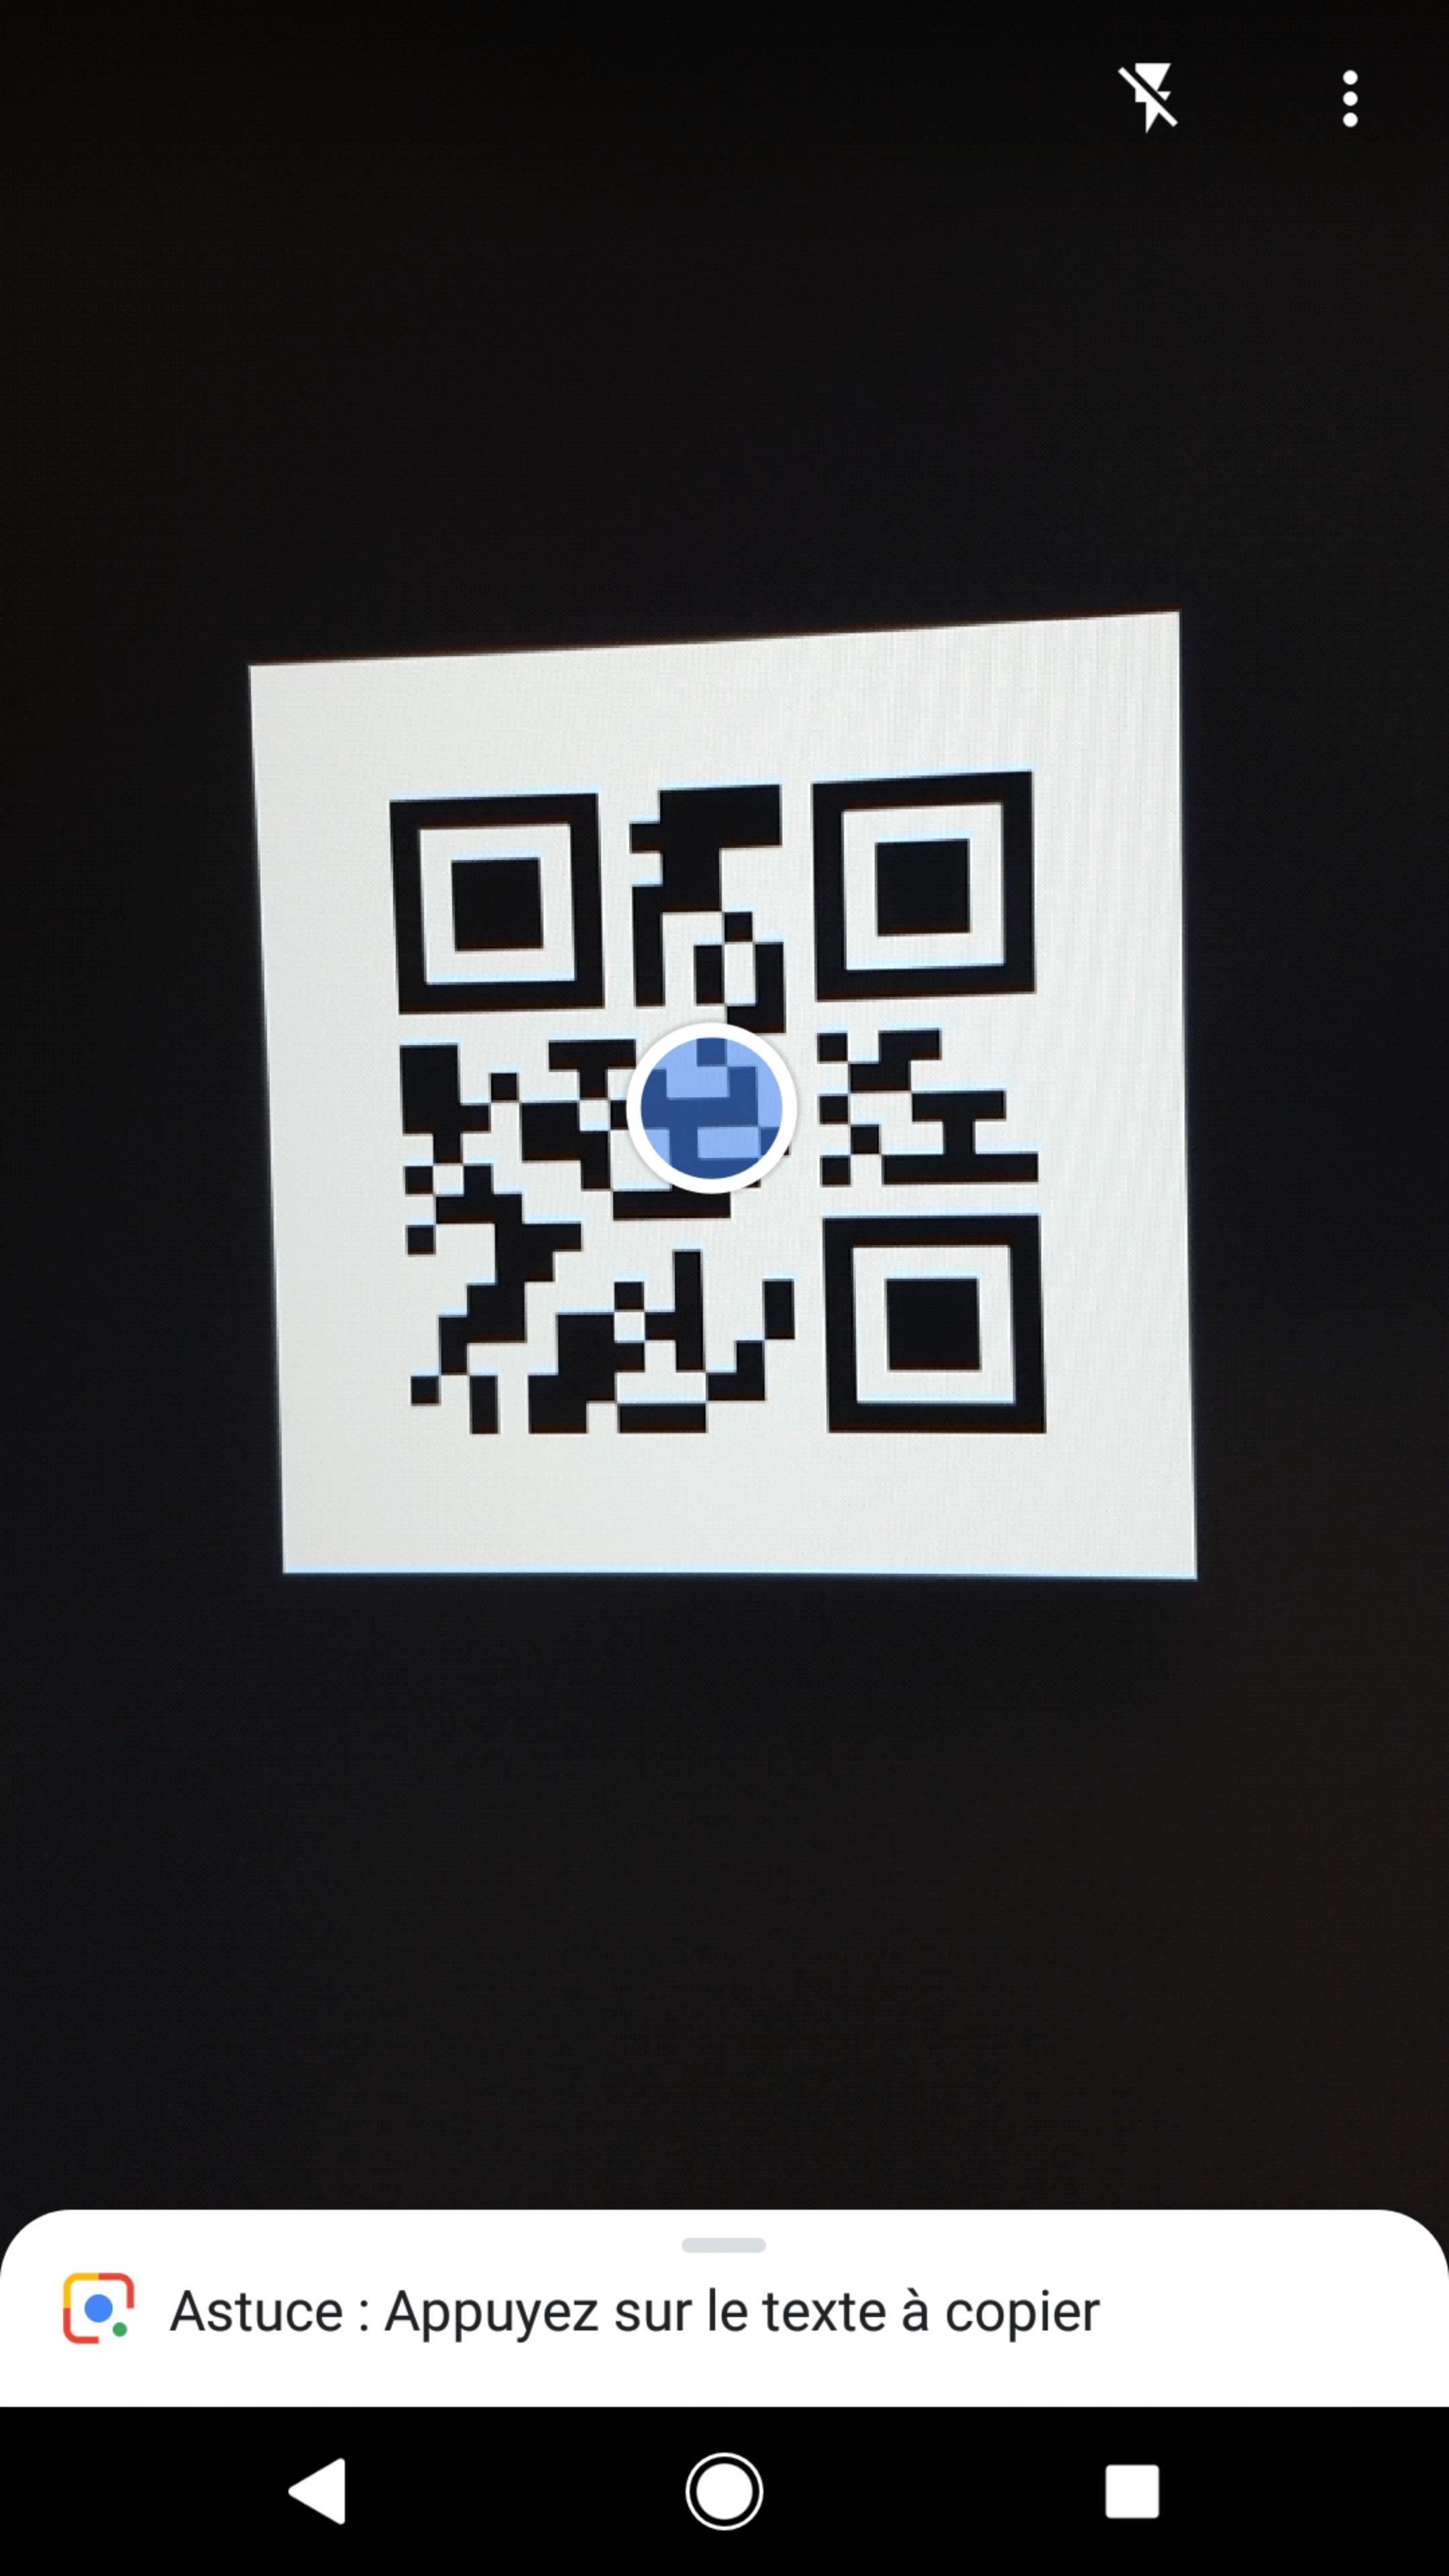 Cara Scan Barcode Dan Kode QR di Android dan iPhone - Caraqu